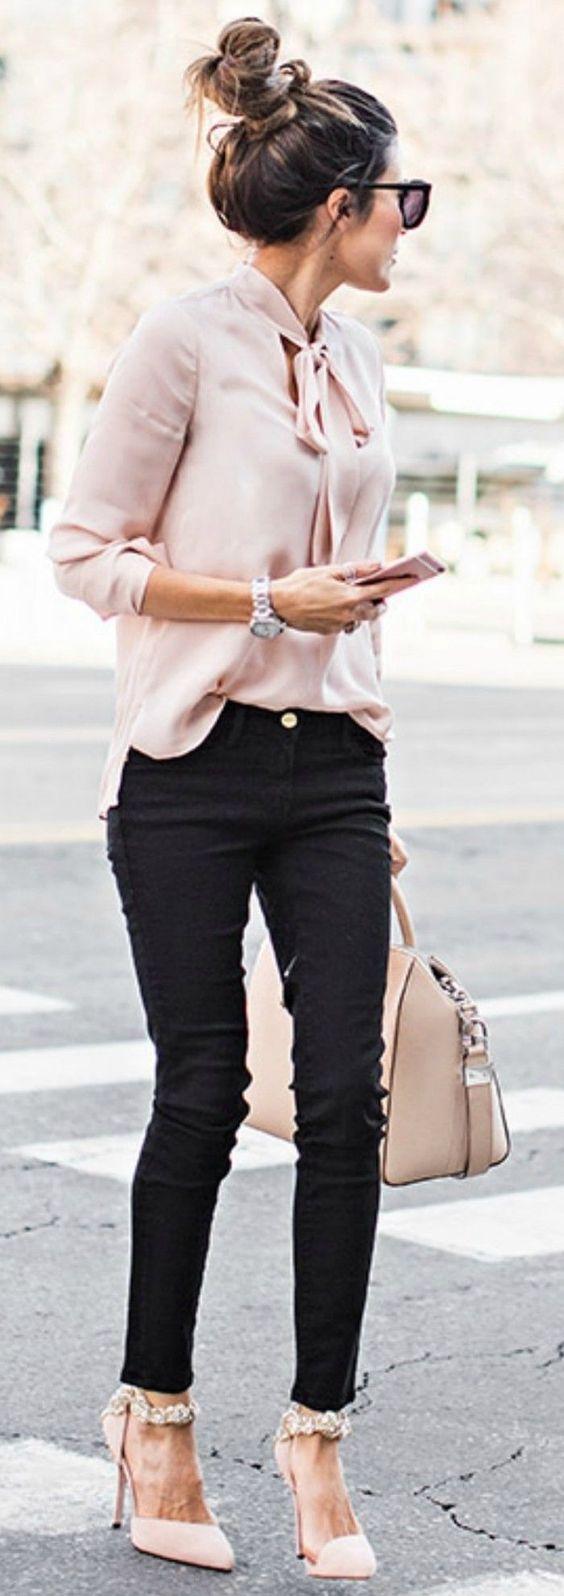 look para oficina mujer joven (5)